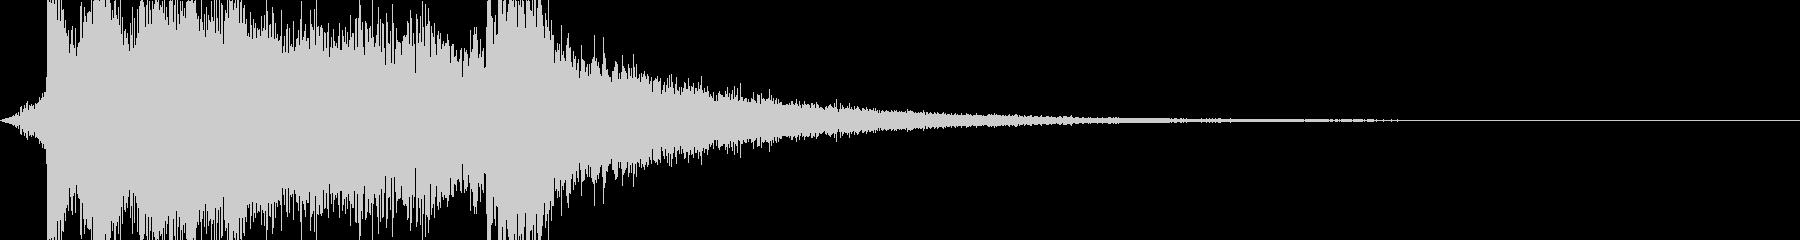 キラキラ爽やかなサウンドロゴ/ジングルの未再生の波形